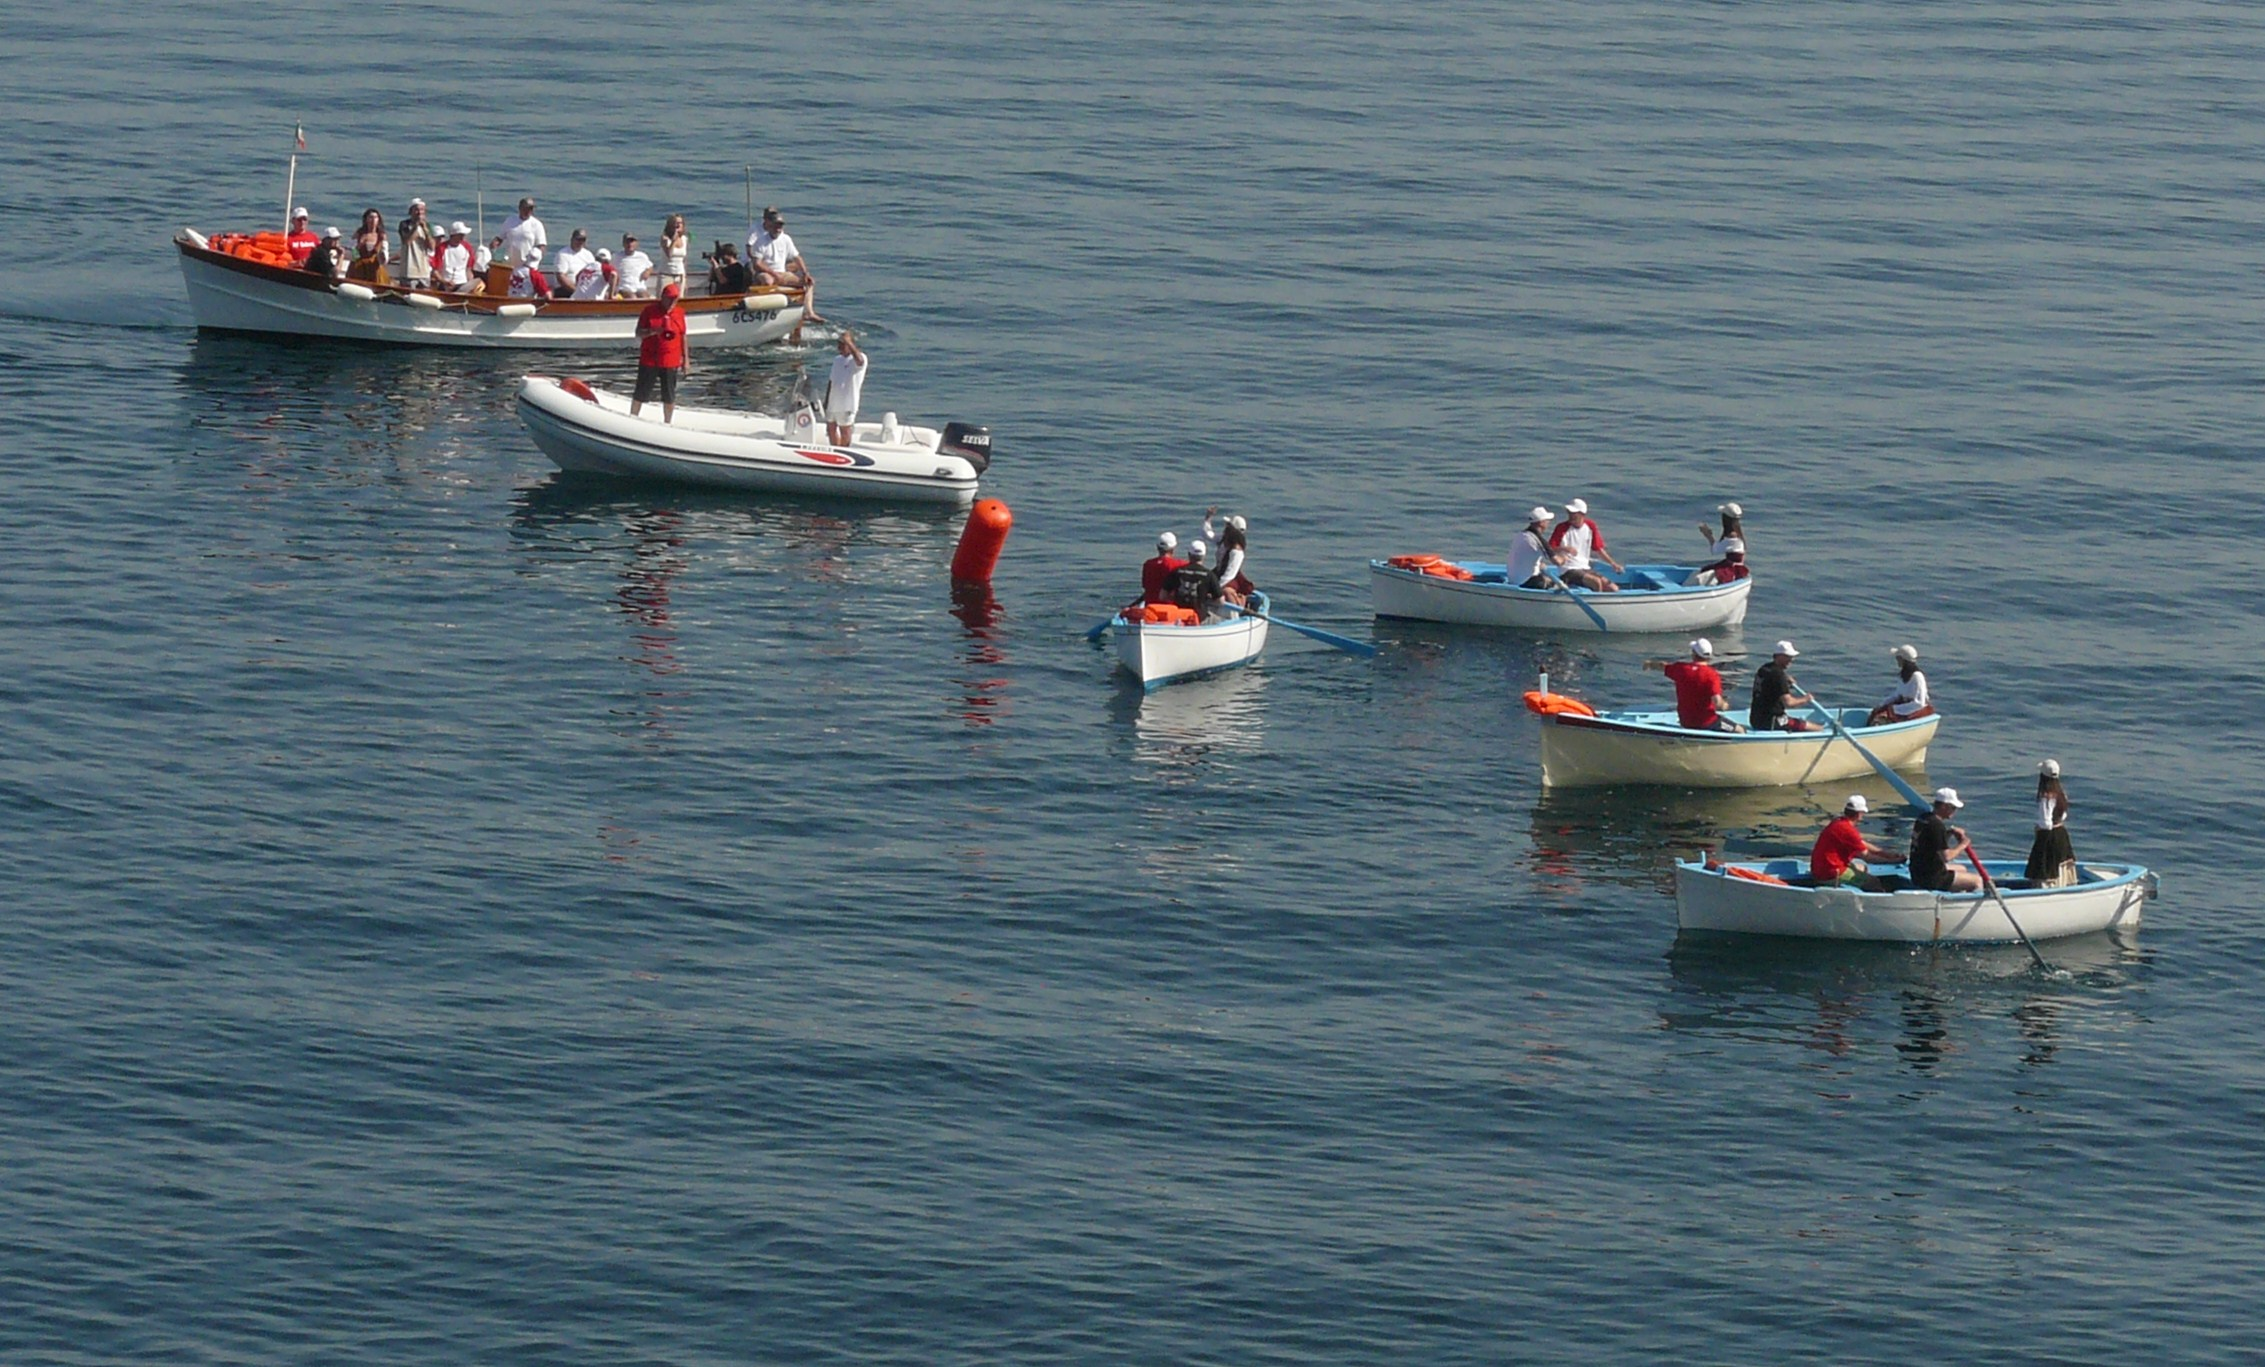 BOBCAT – regata con gozzi napoletani – 40 persone – Golfo di Napoli